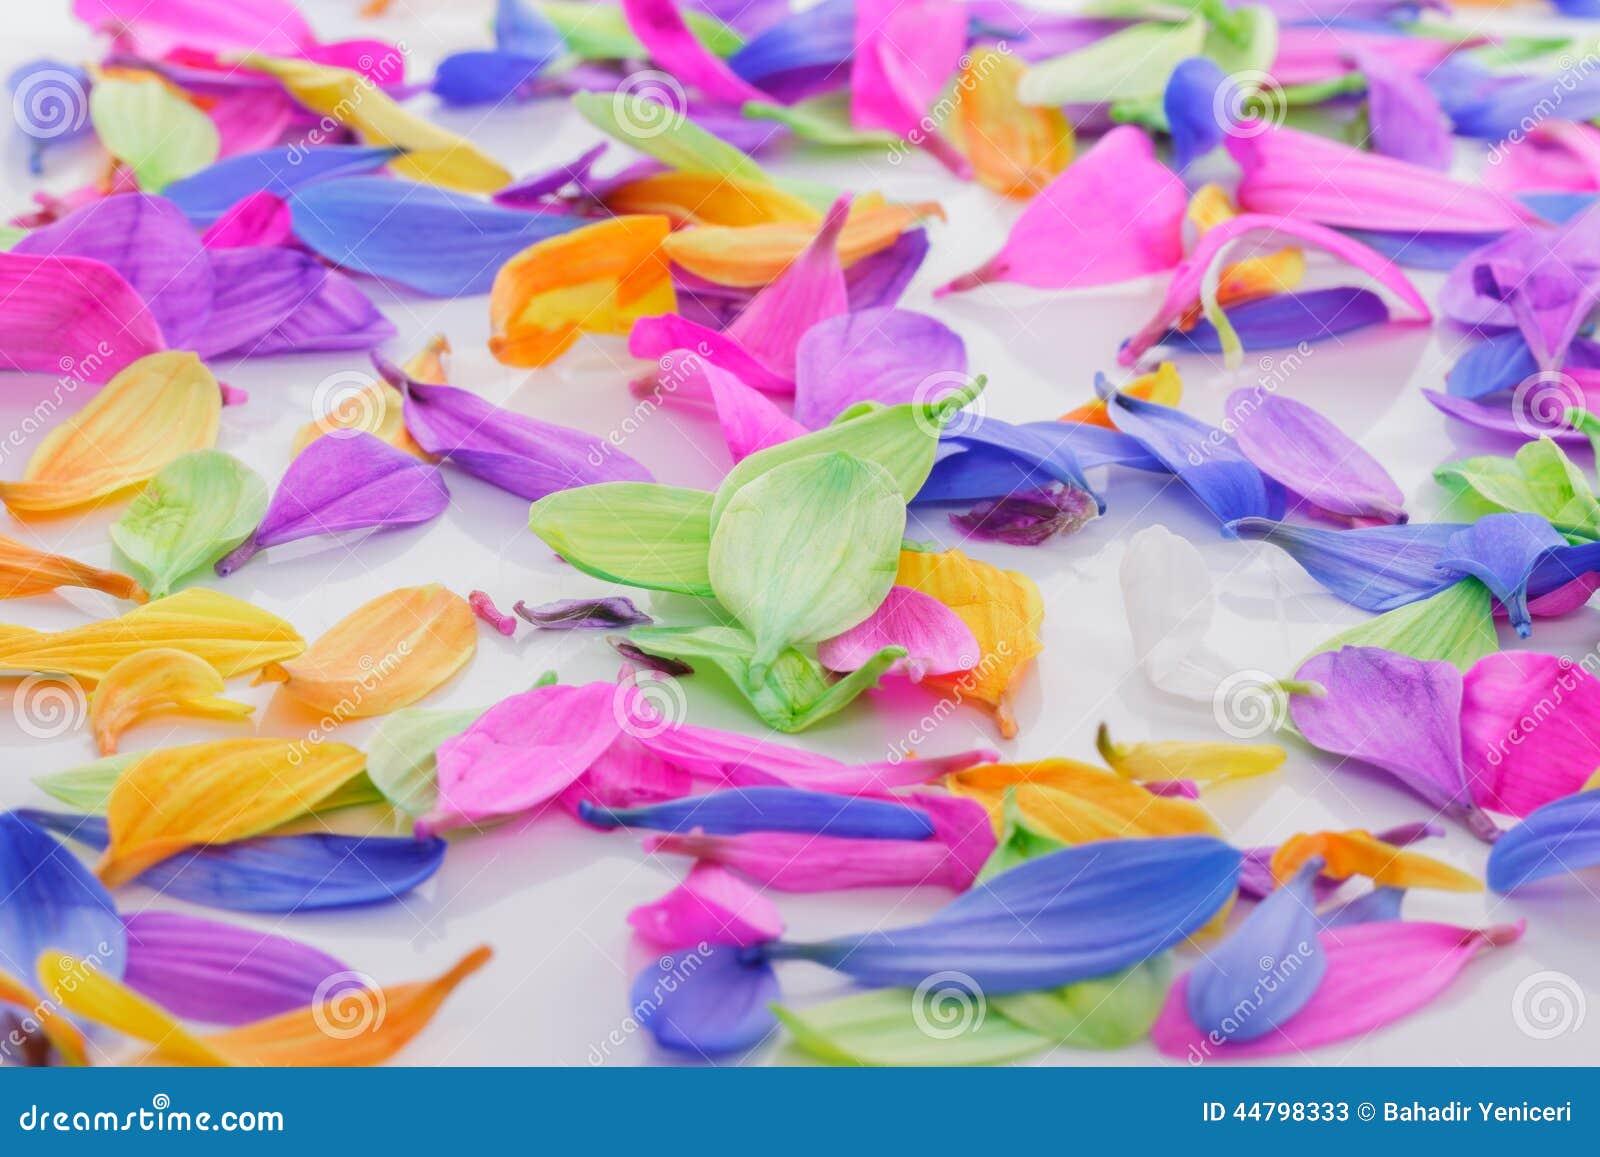 Colourful Petals